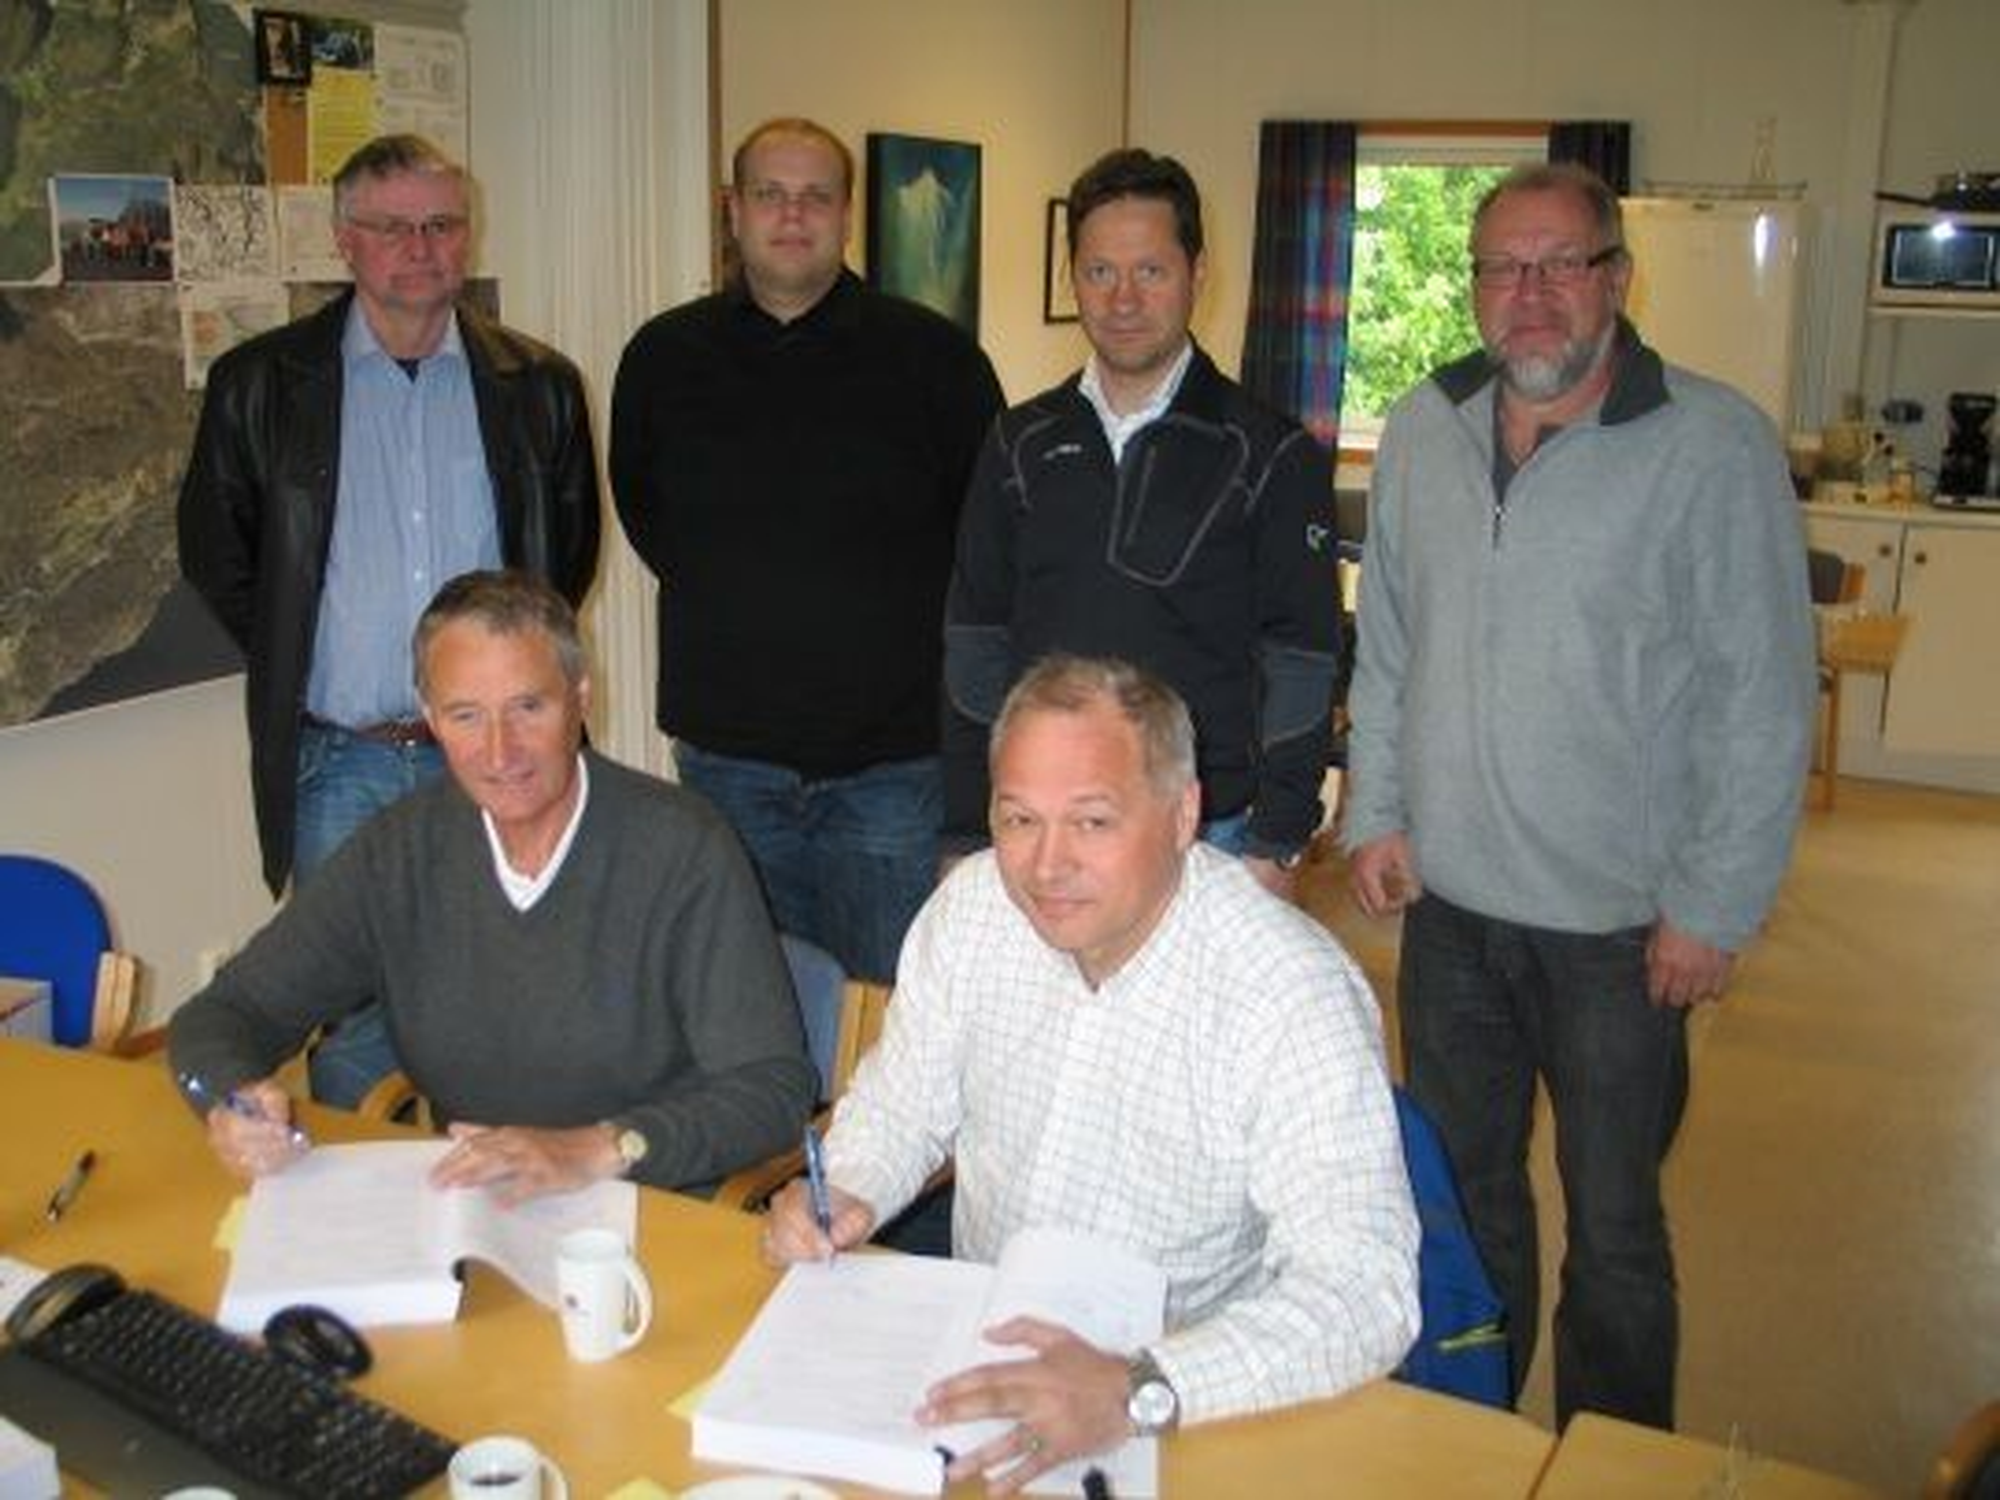 e Pedersen (LNS) og byggeleiar Rolf Stormo (Statens vegvesen). Framme frå venstre: Prosjektleiar Oddbjørn Pladsen (Statens vegvesen) og prosjektdirektør Frode Nilsen (LNS).